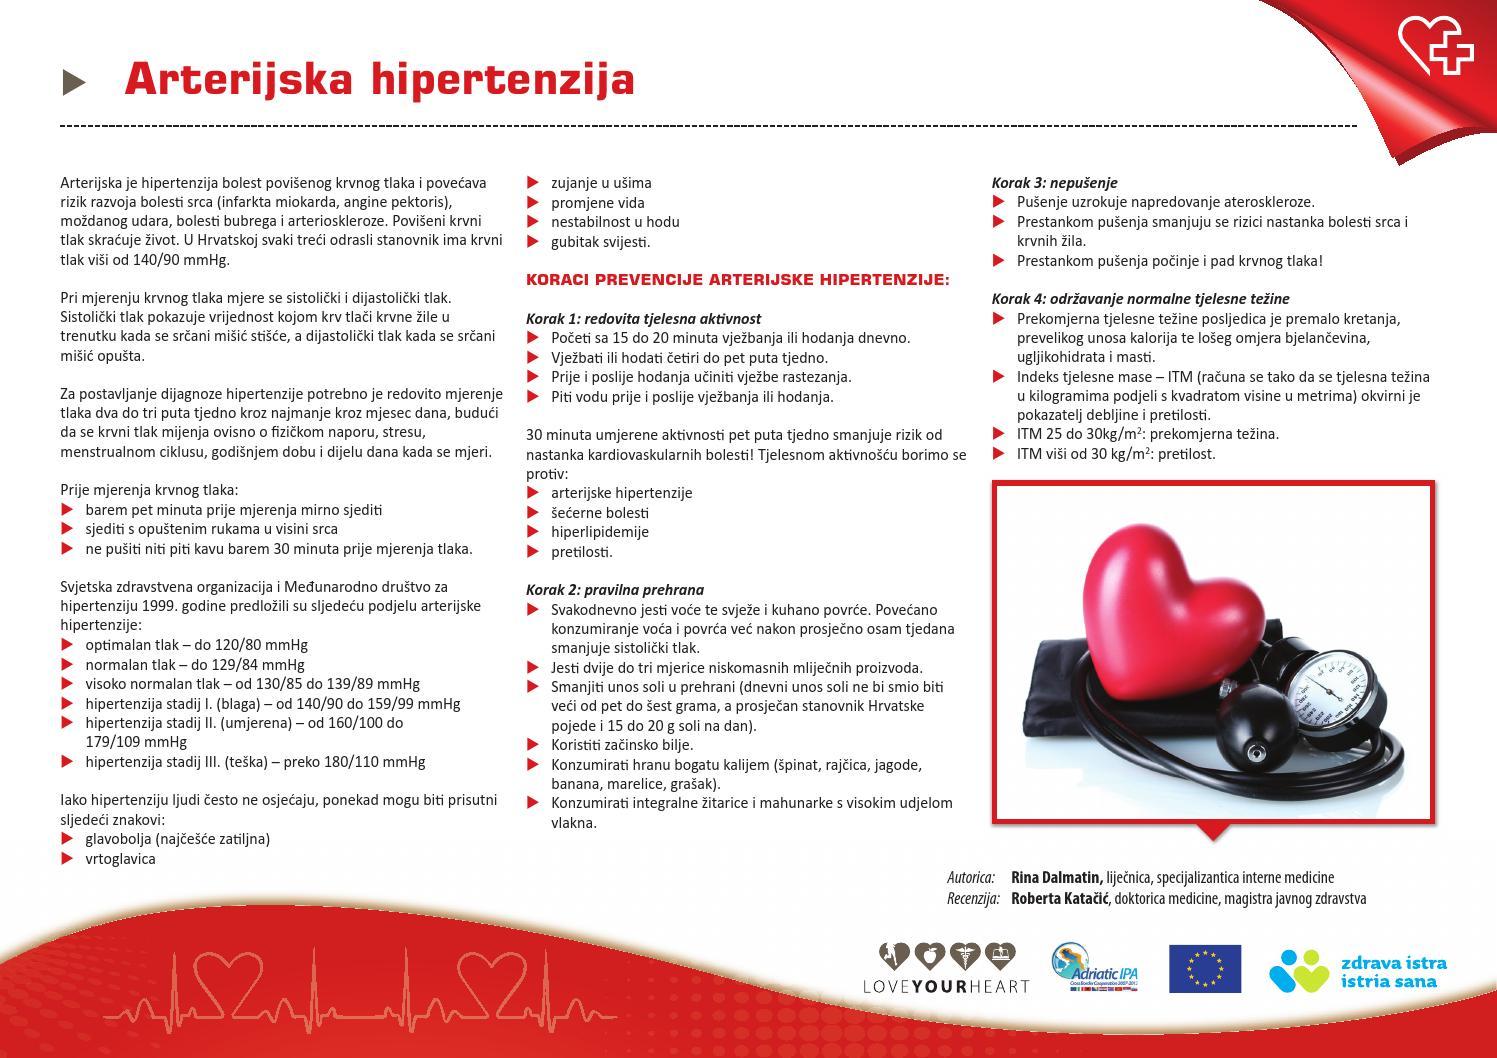 hipertenzija, prestanak pušenja kako za liječenje visokog krvnog tlaka živa i mrtva voda